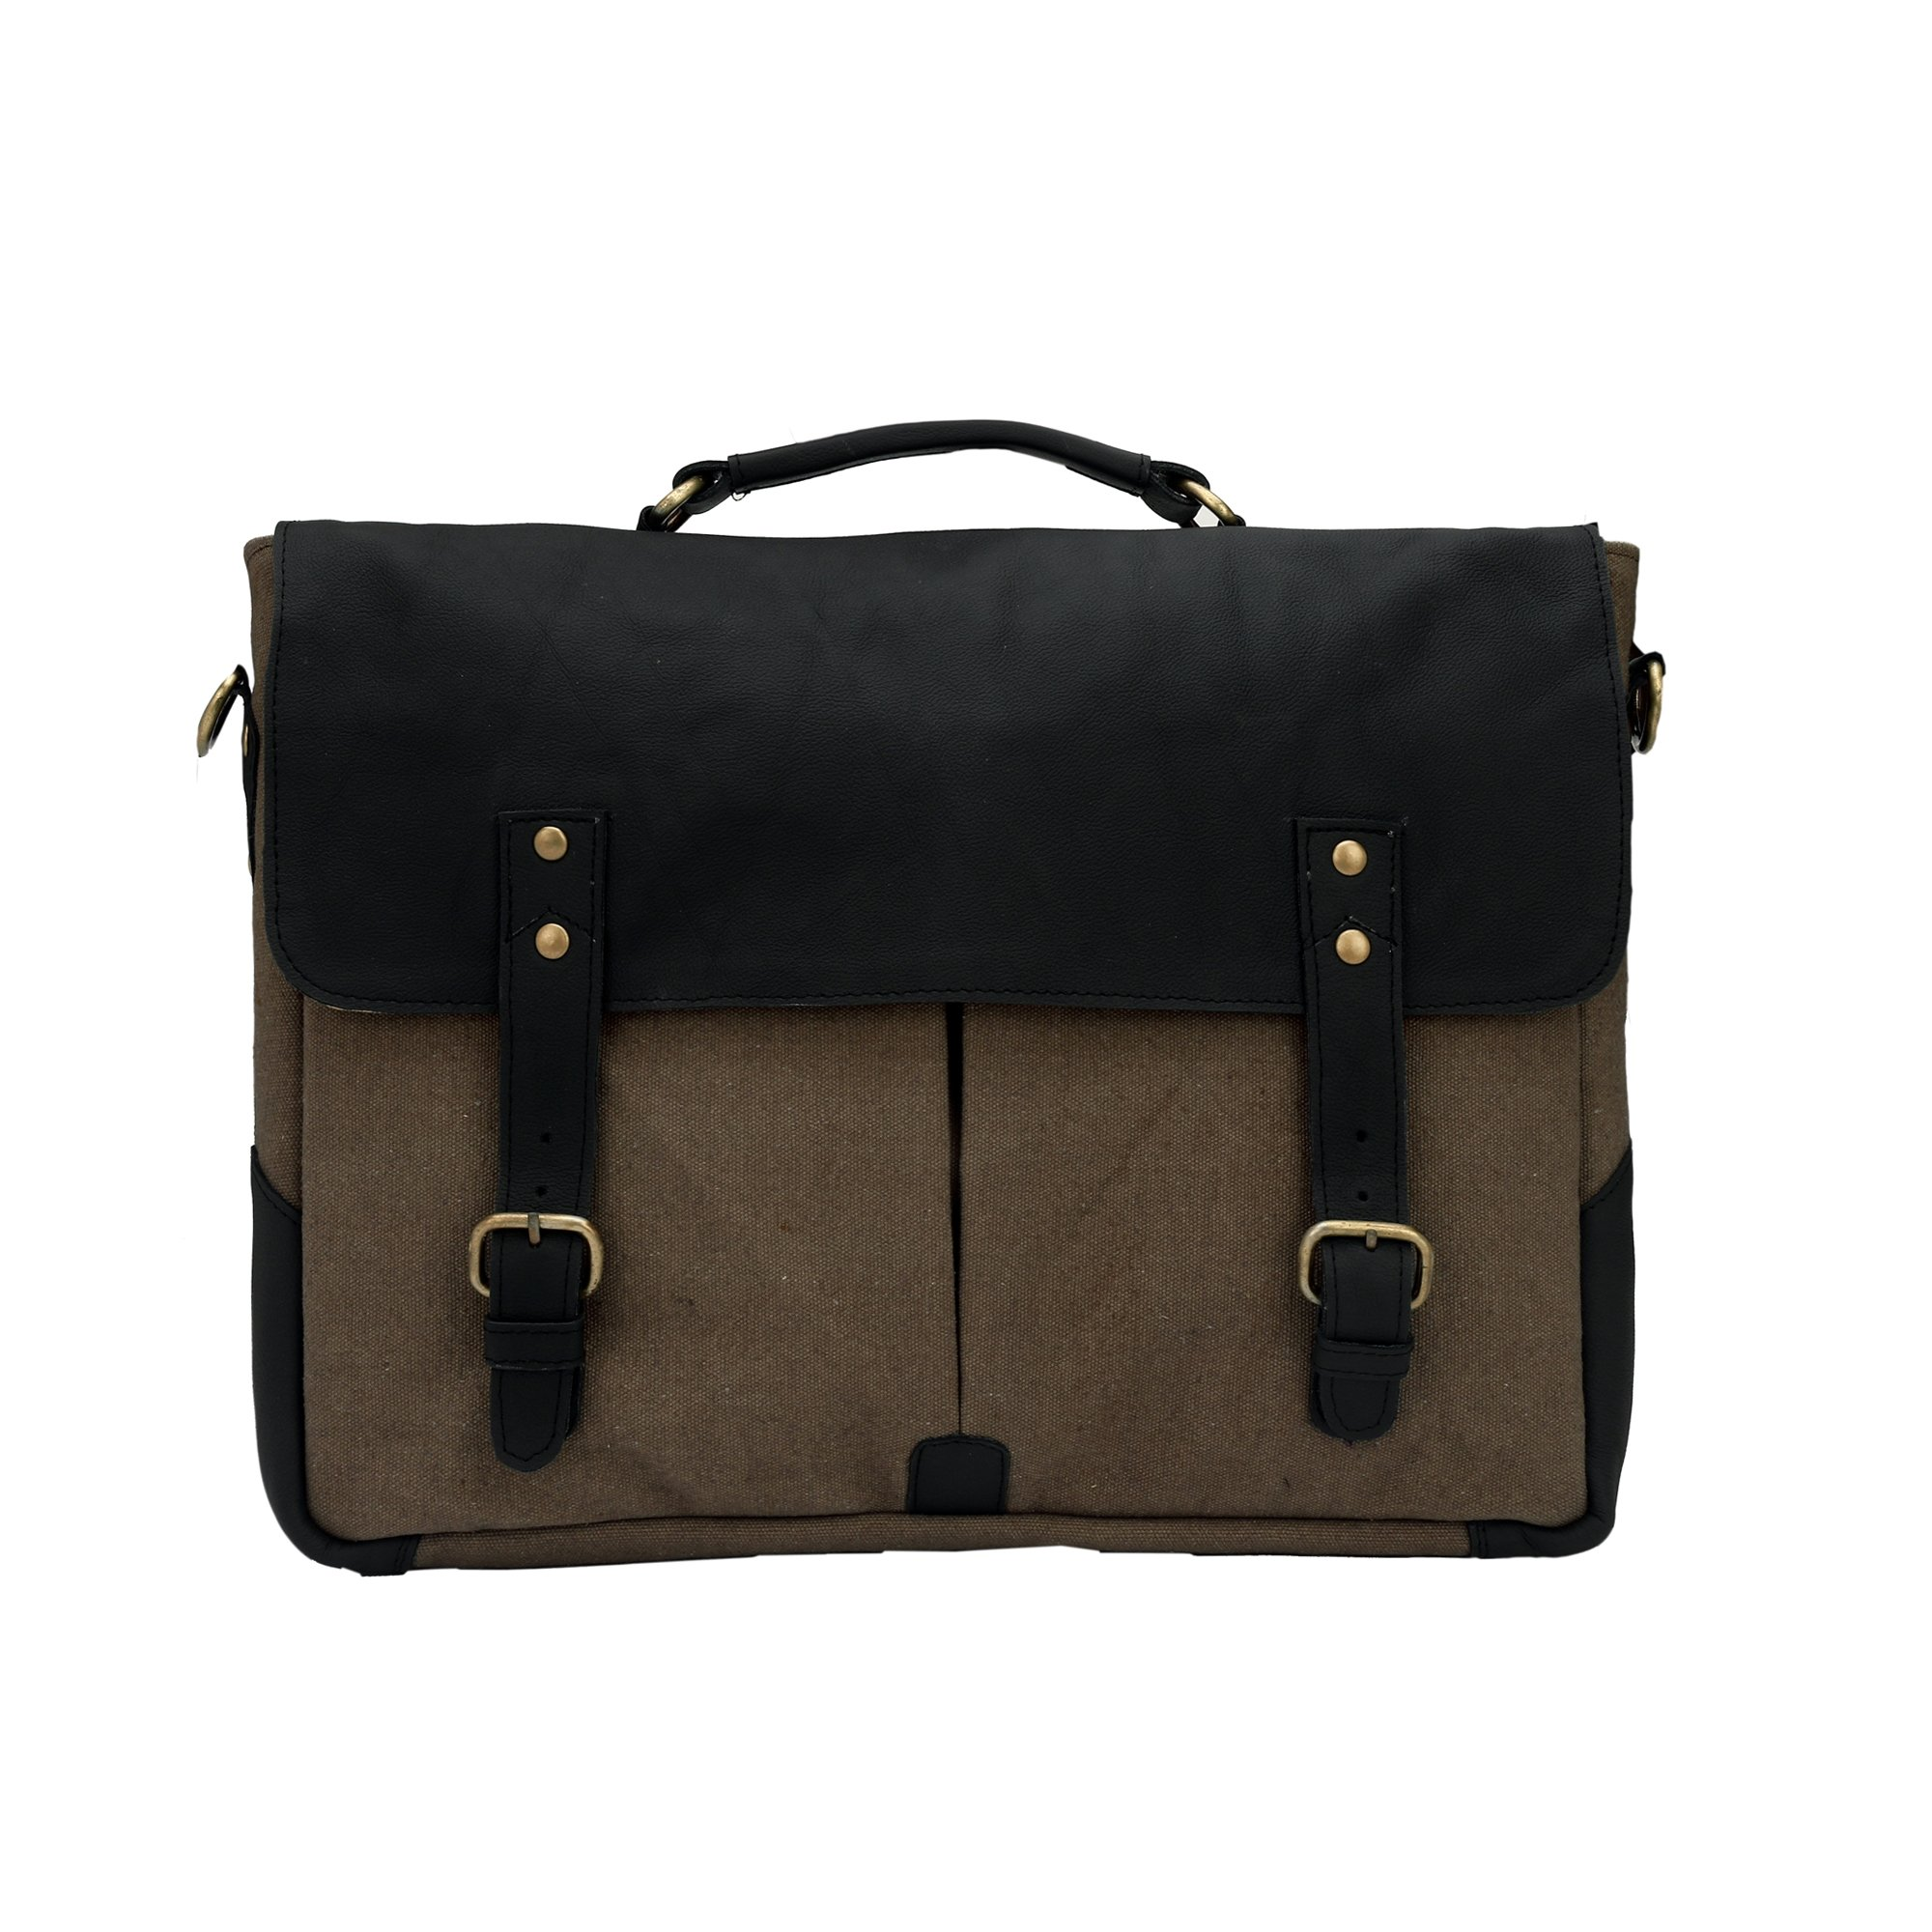 Carry Me Men's Leather Black & Grey Messenger/Briefcase/Laptop Bag For Office (Black & Grey)